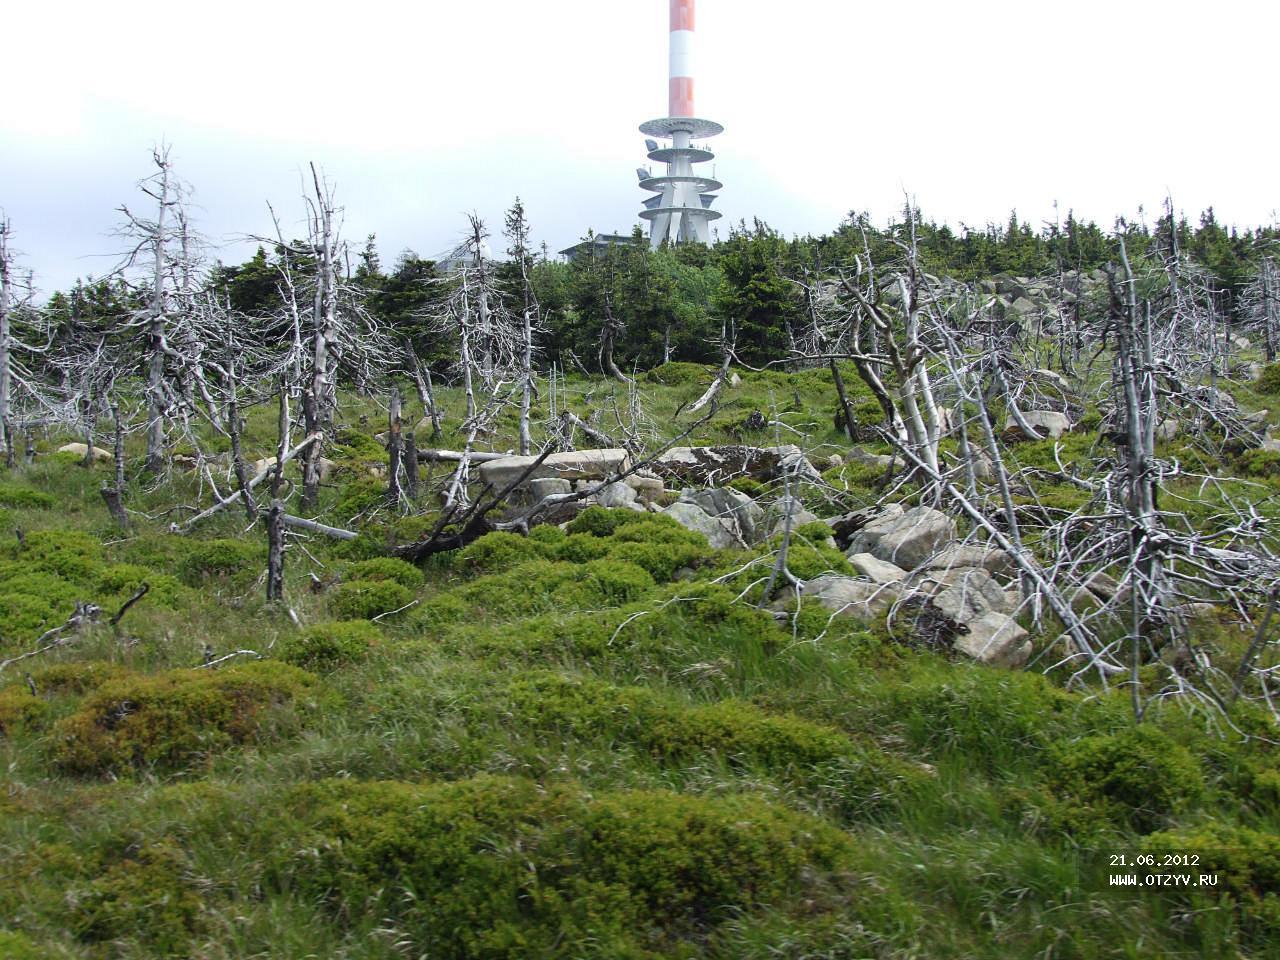 примеру, фото гора брокен зарубежных мужчин-спортсменов